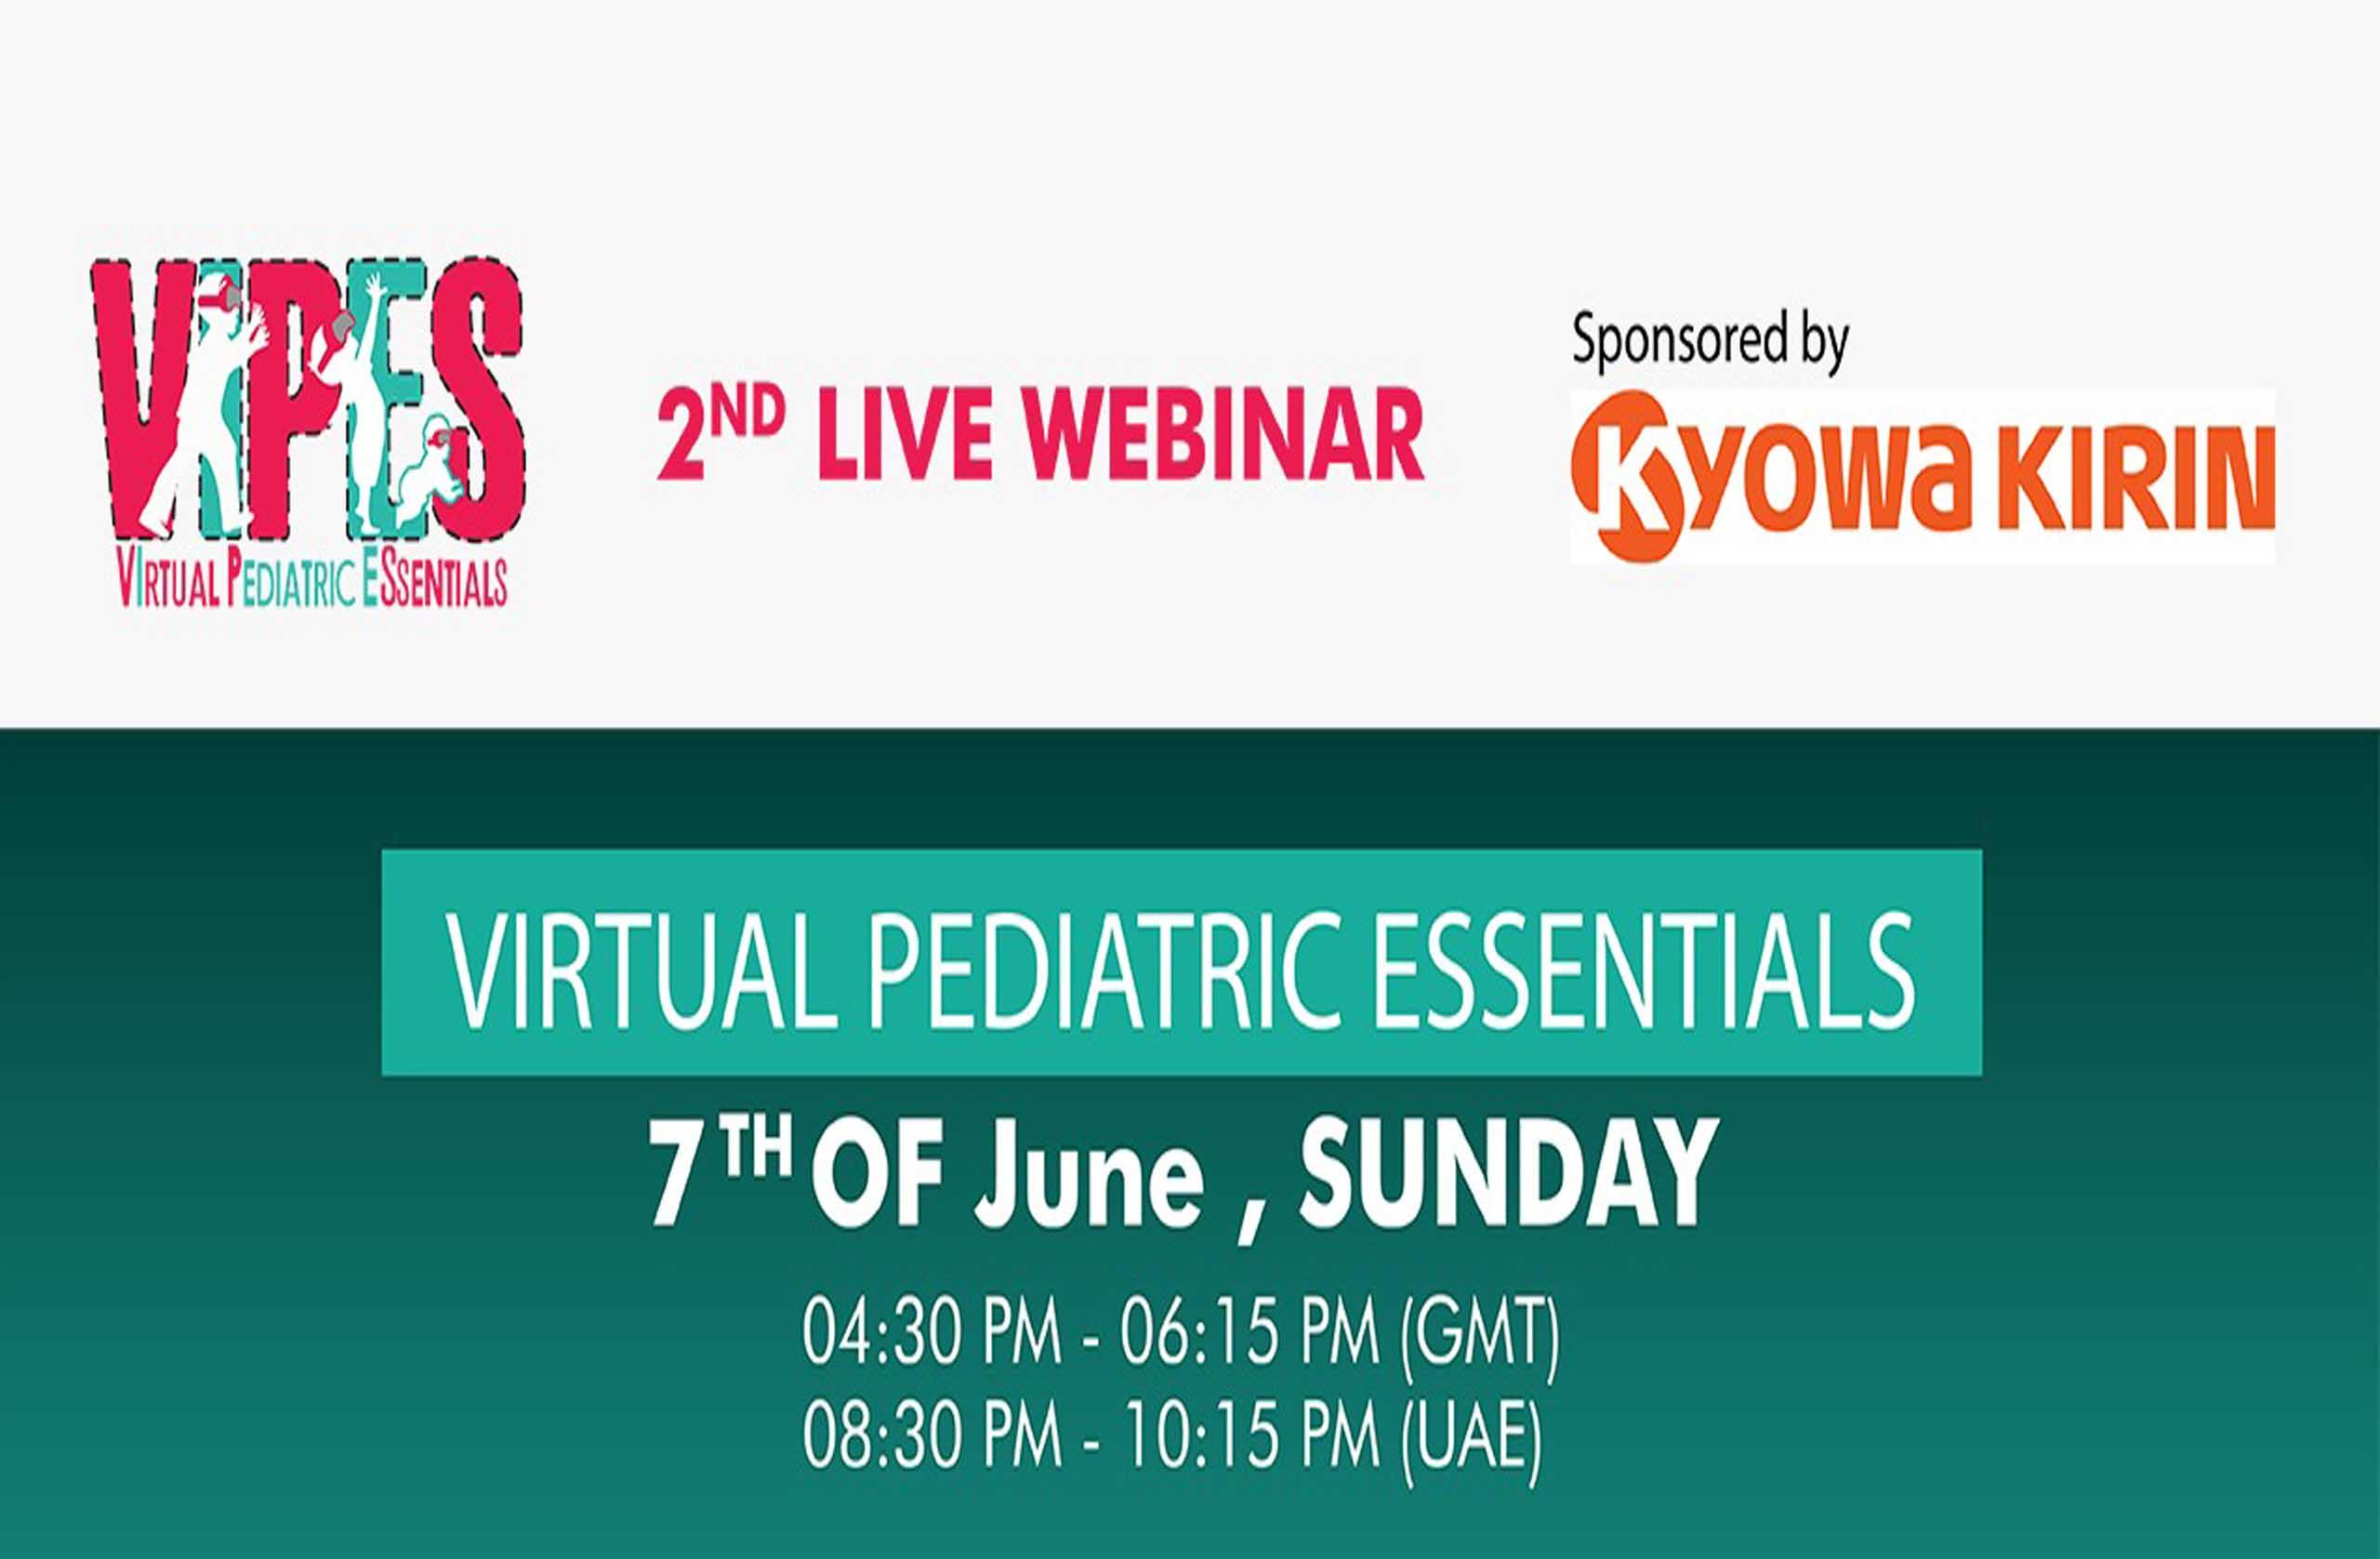 VIPES 2nd Live Webinar